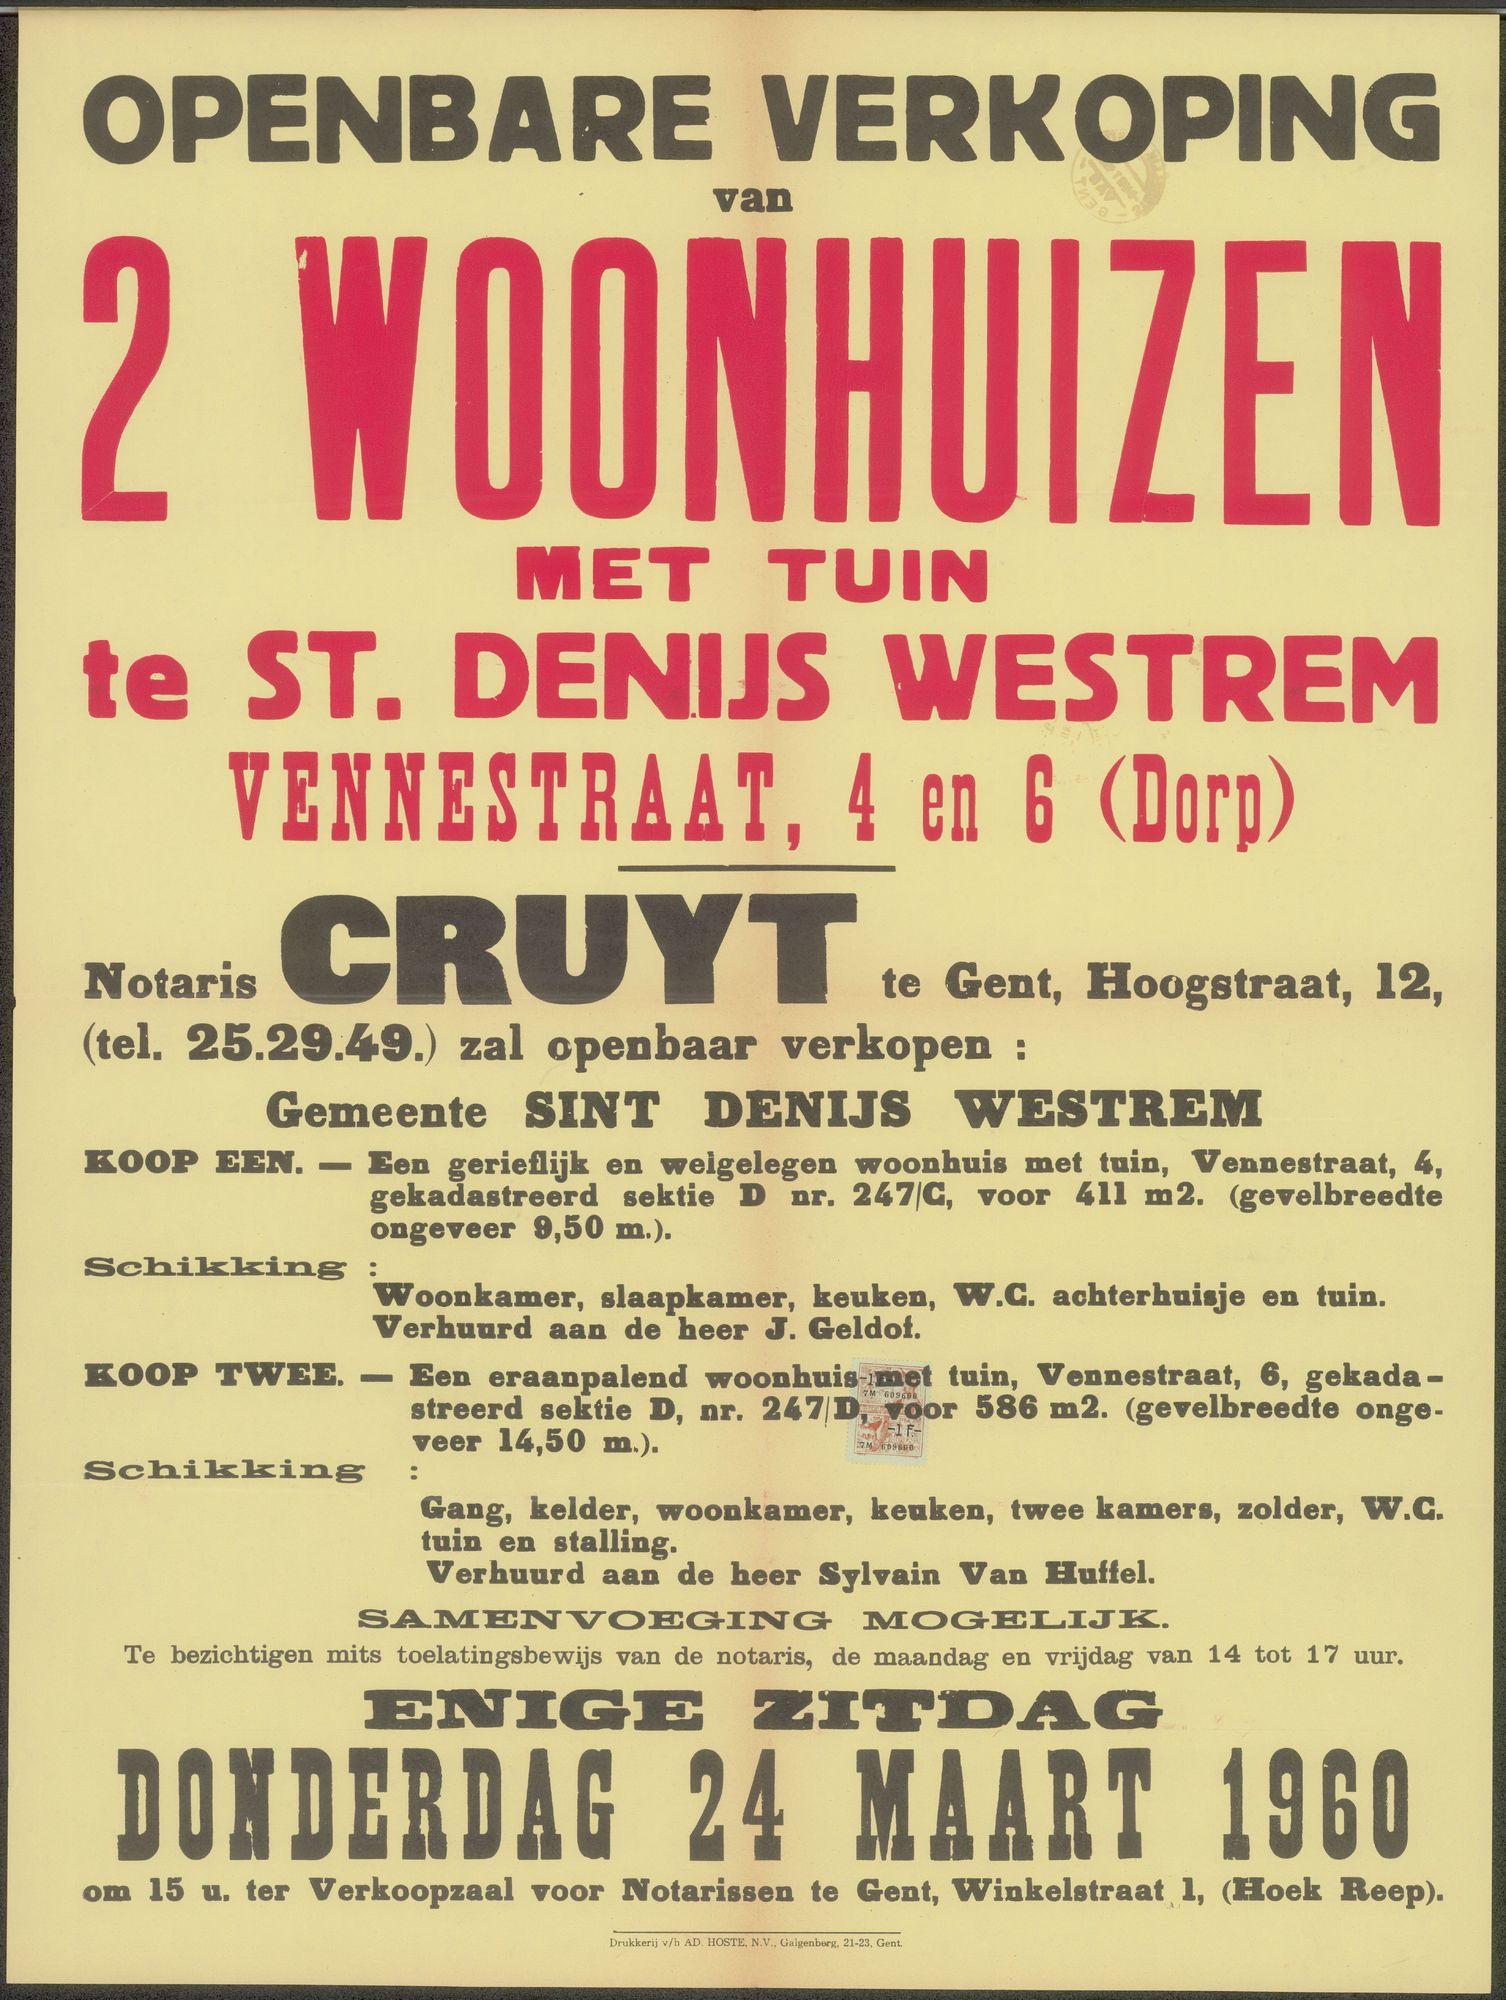 Openbare verkoop van 2 woonhuizen met tuin te Sint-Denijs-Westrem, Vennestraat, nrs.4 en 6 (Dorp), Gent, 24 maart 1960